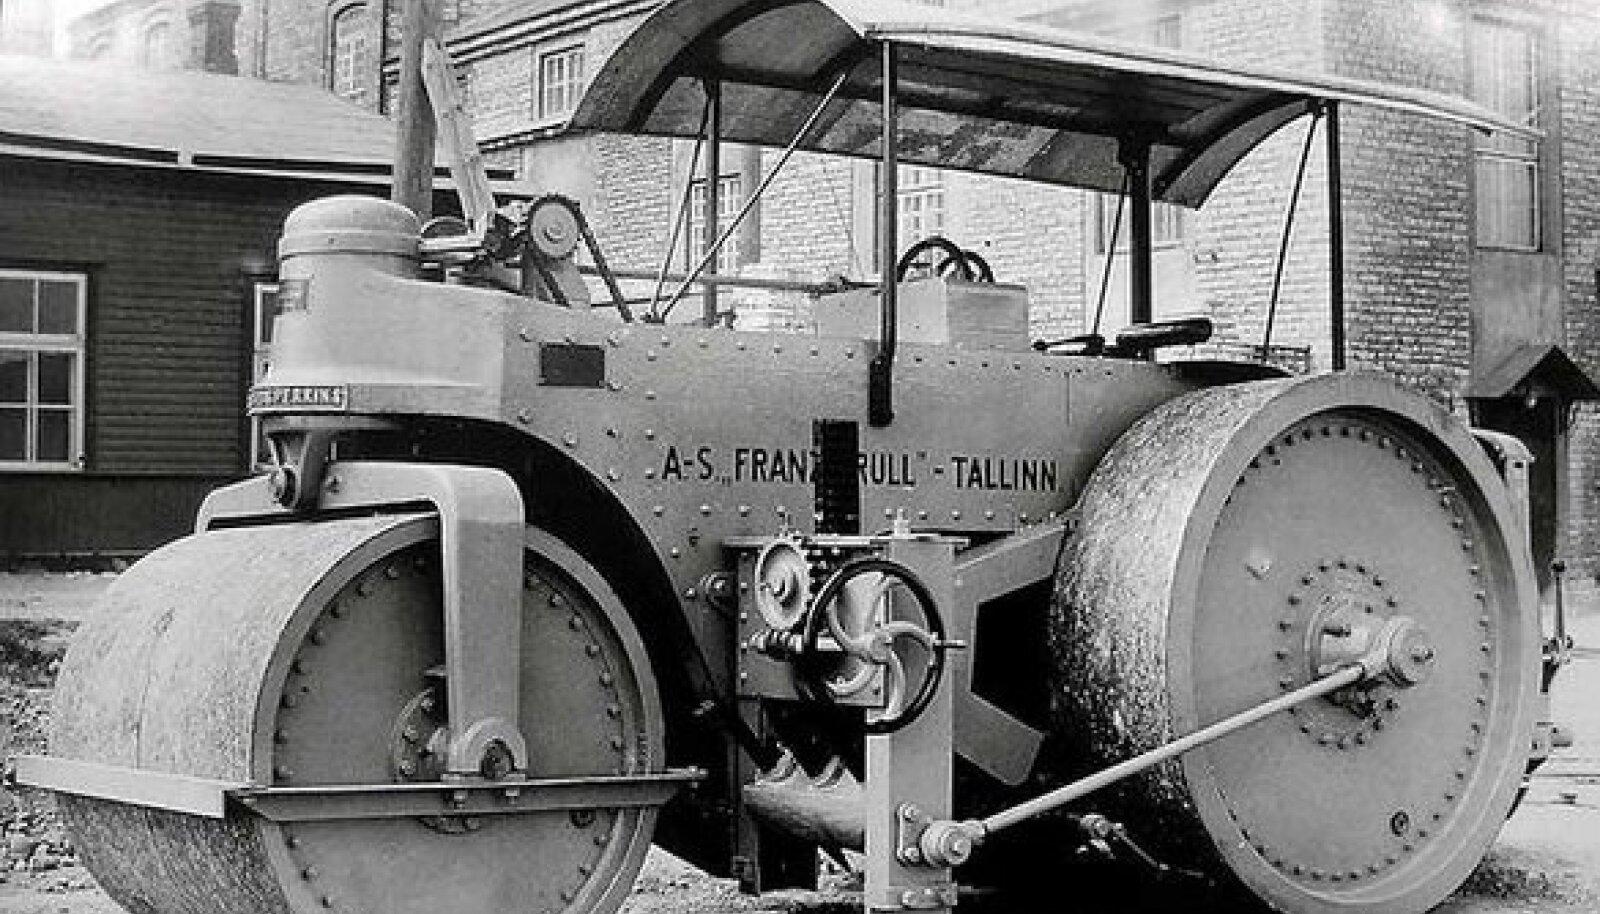 TUNTUD OMA HEADUSES: Eelmise vabariigi aegsed Krulli teedeehitusmasinad, sealhulgas teerullid, olid tehasele heaks reklaamiks.